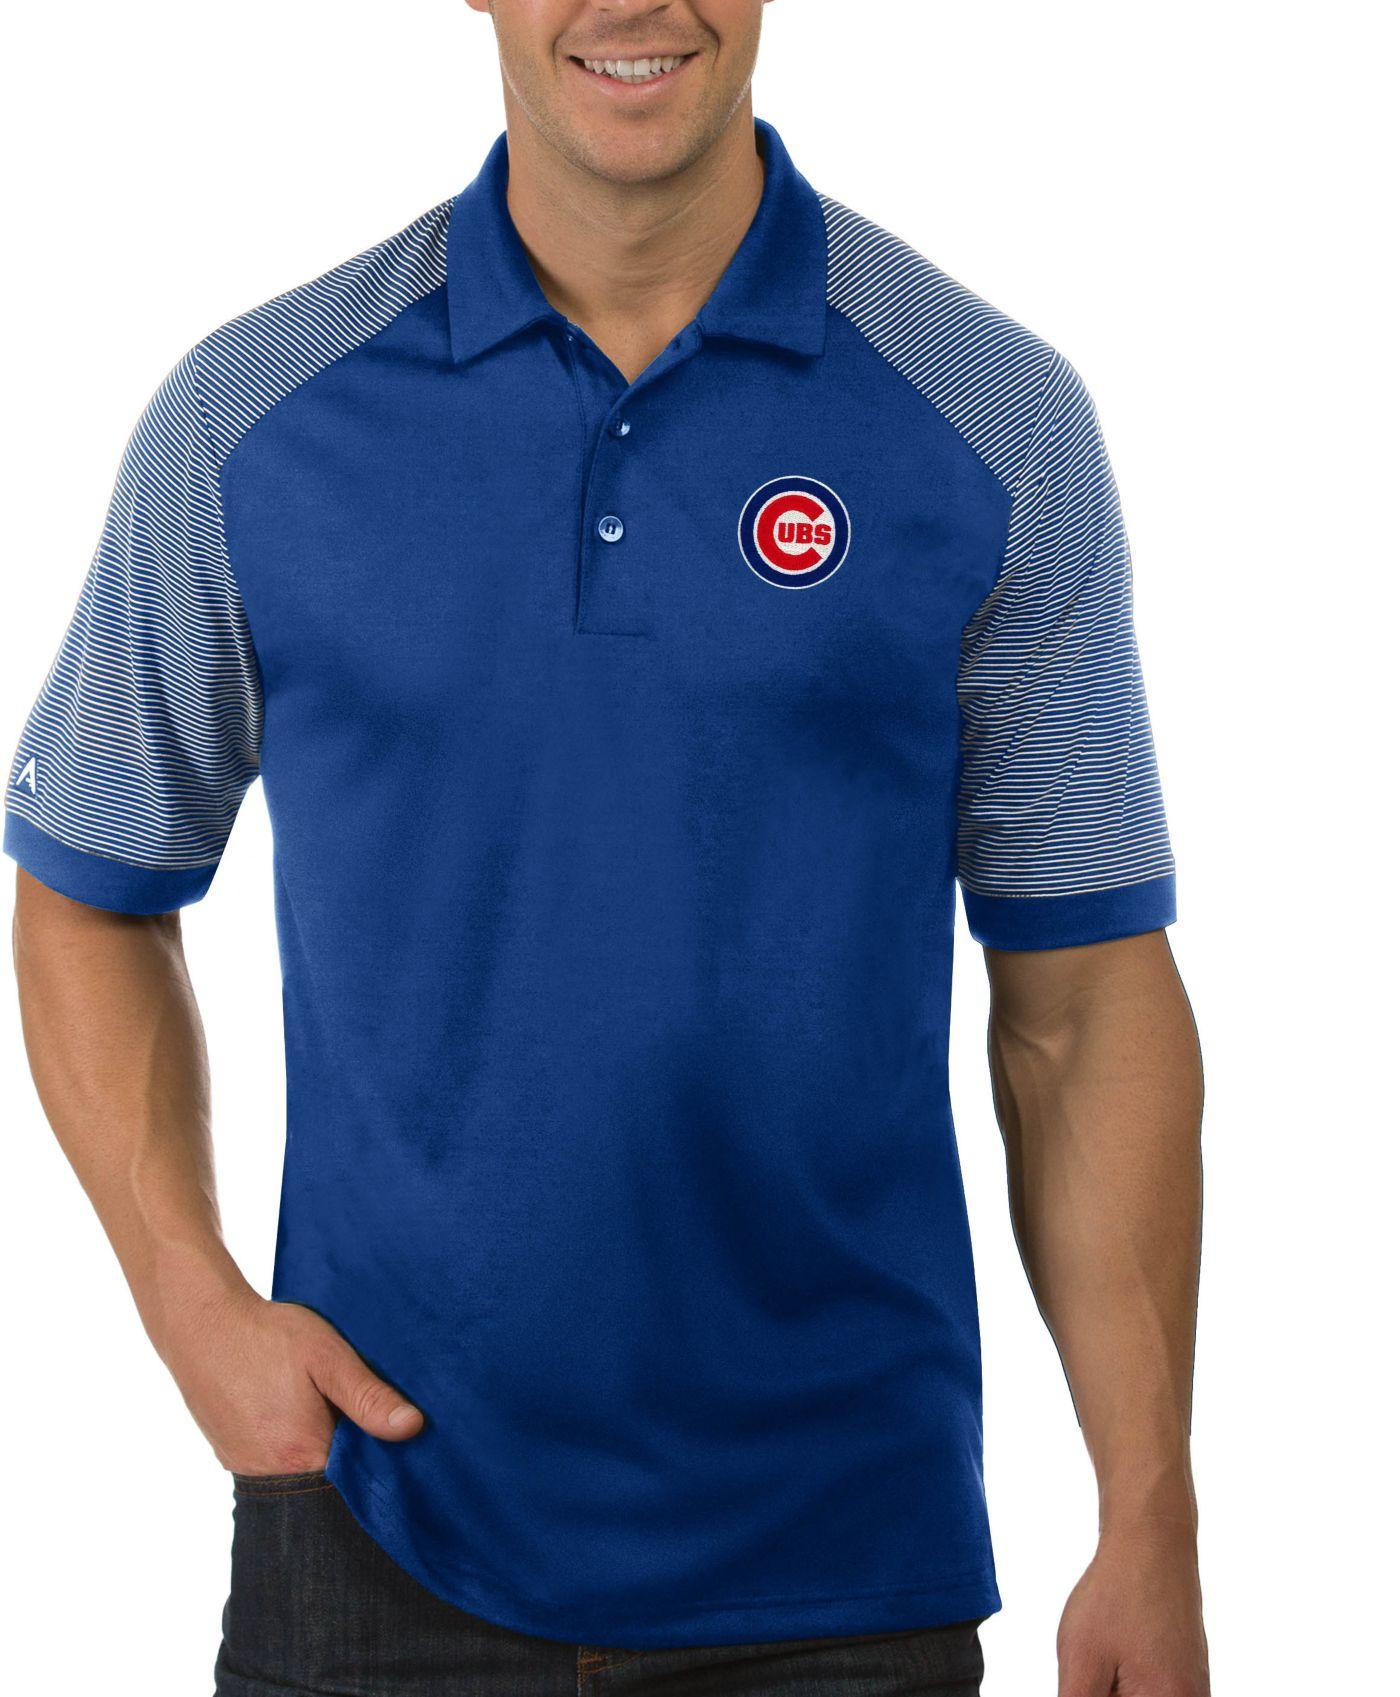 Antigua Men's Chicago Cubs Engage Royal Polo